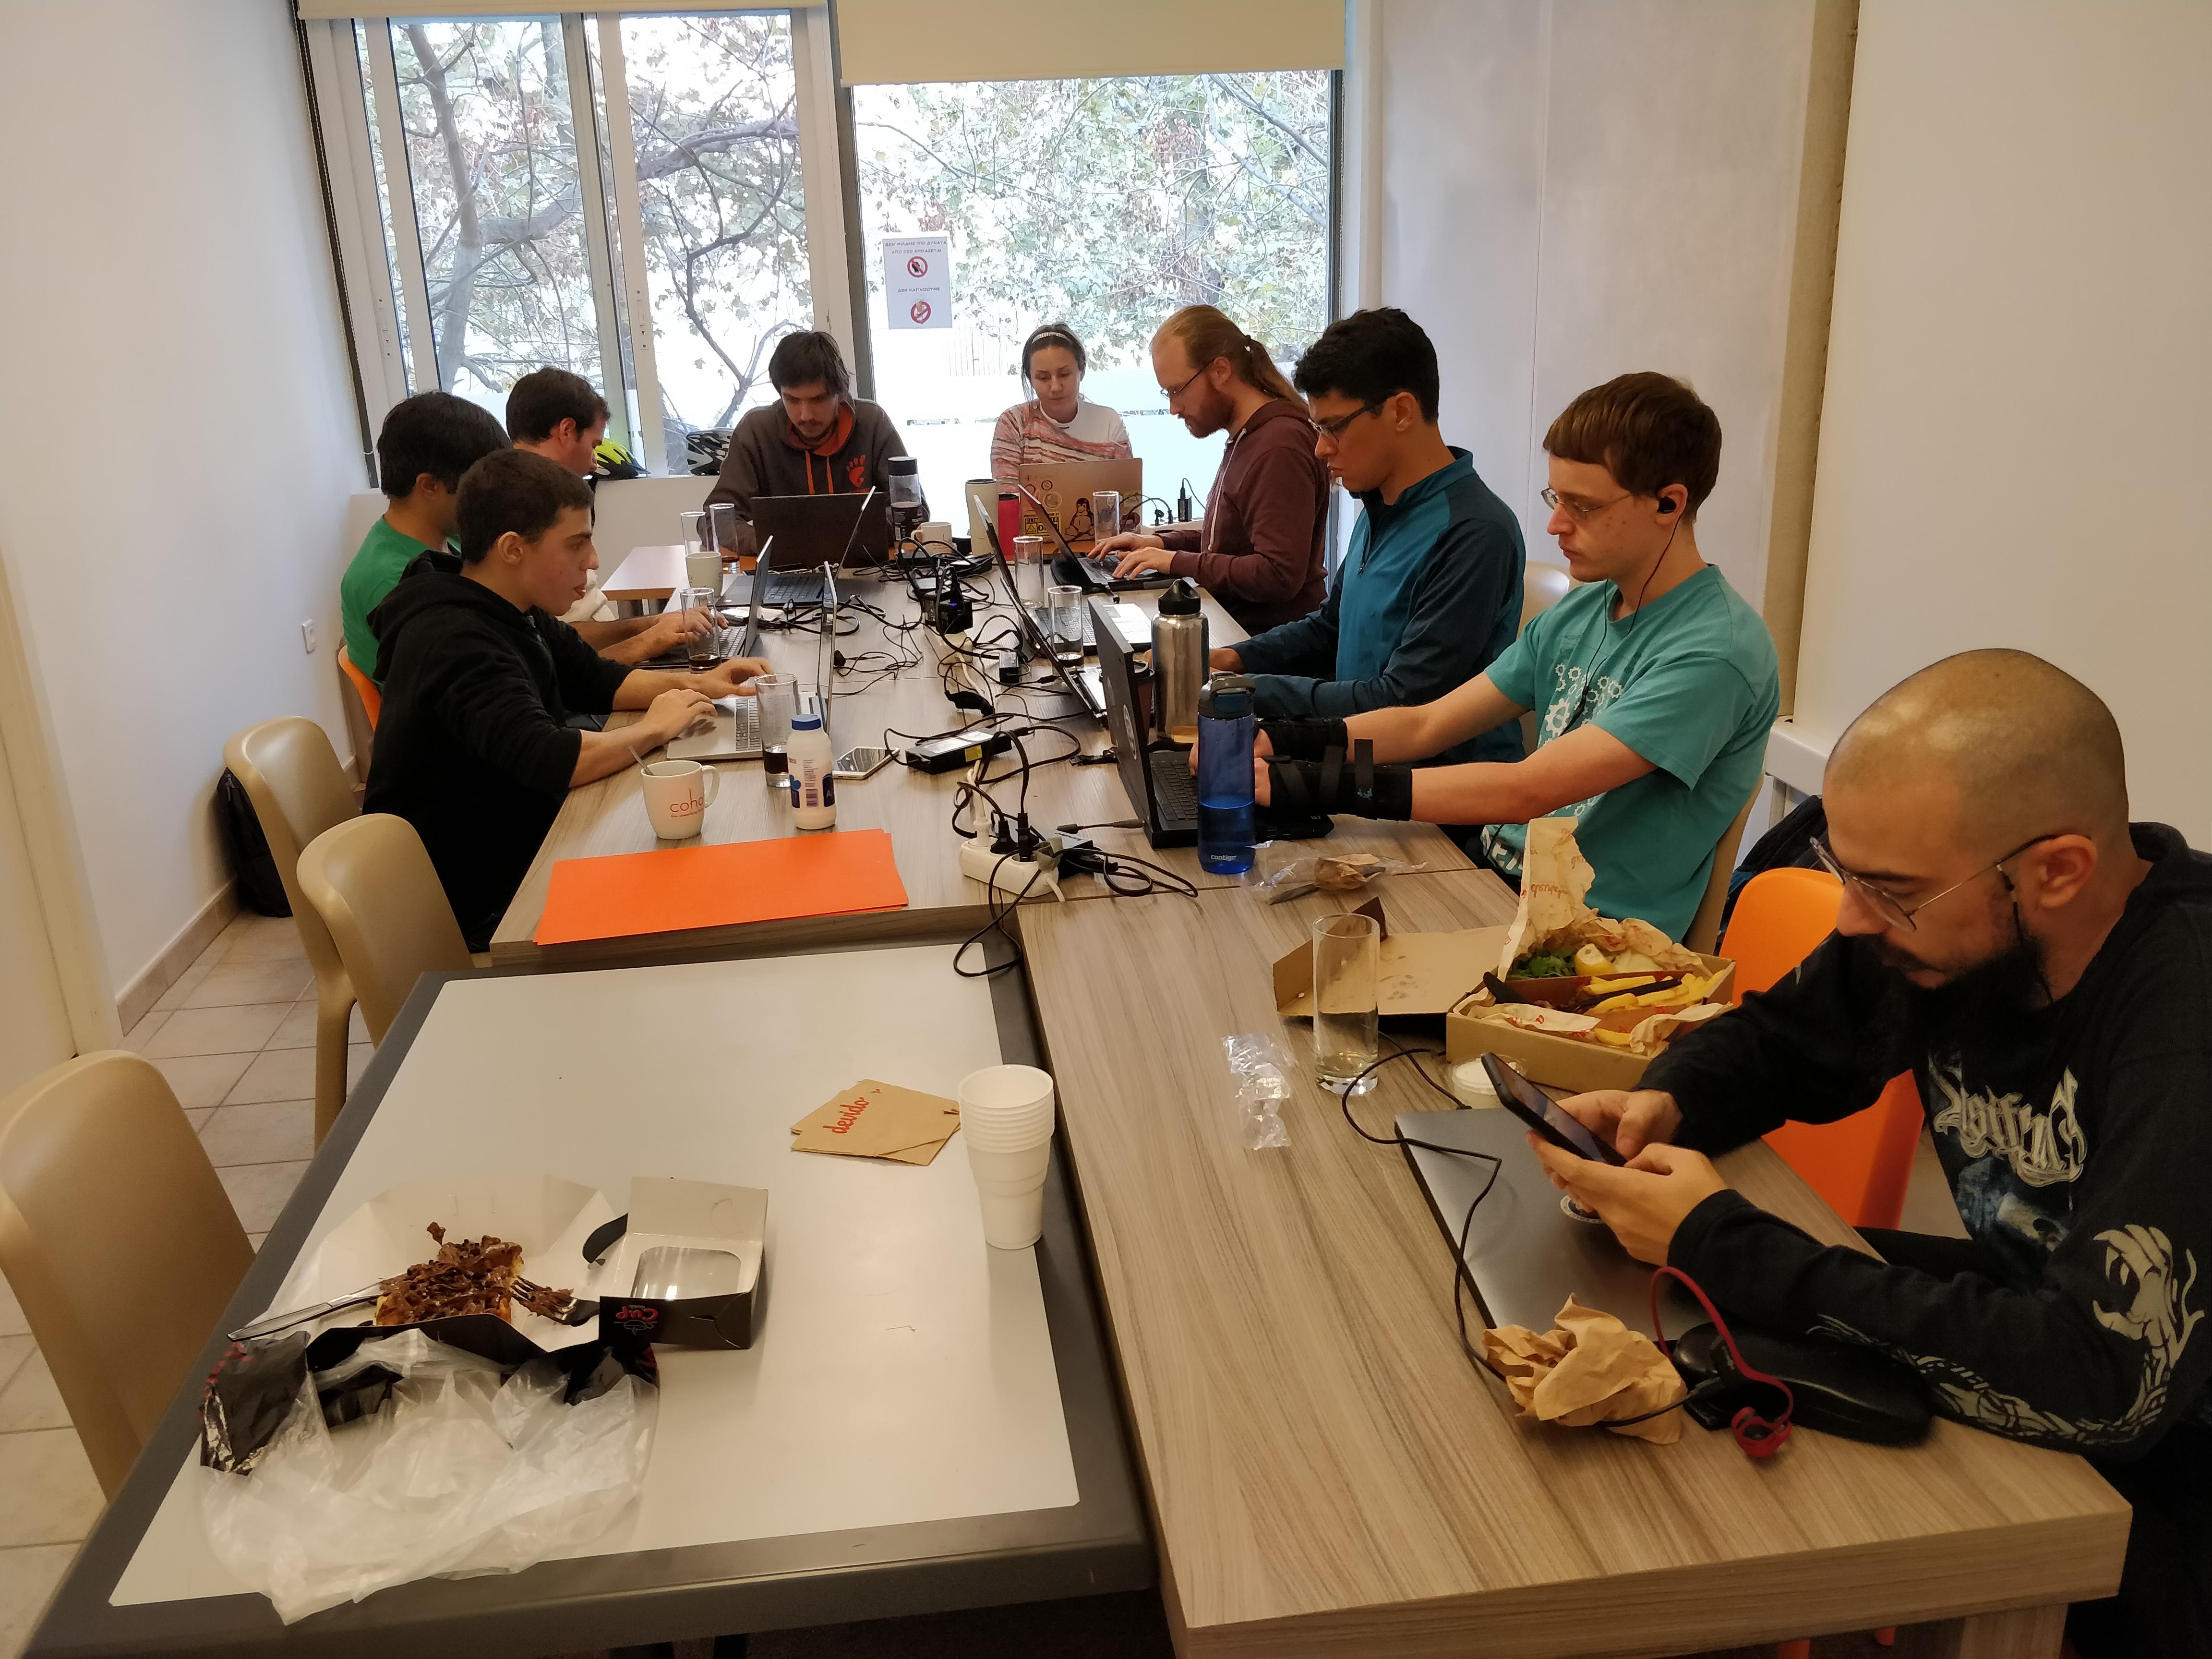 Thessaloniki hackfest